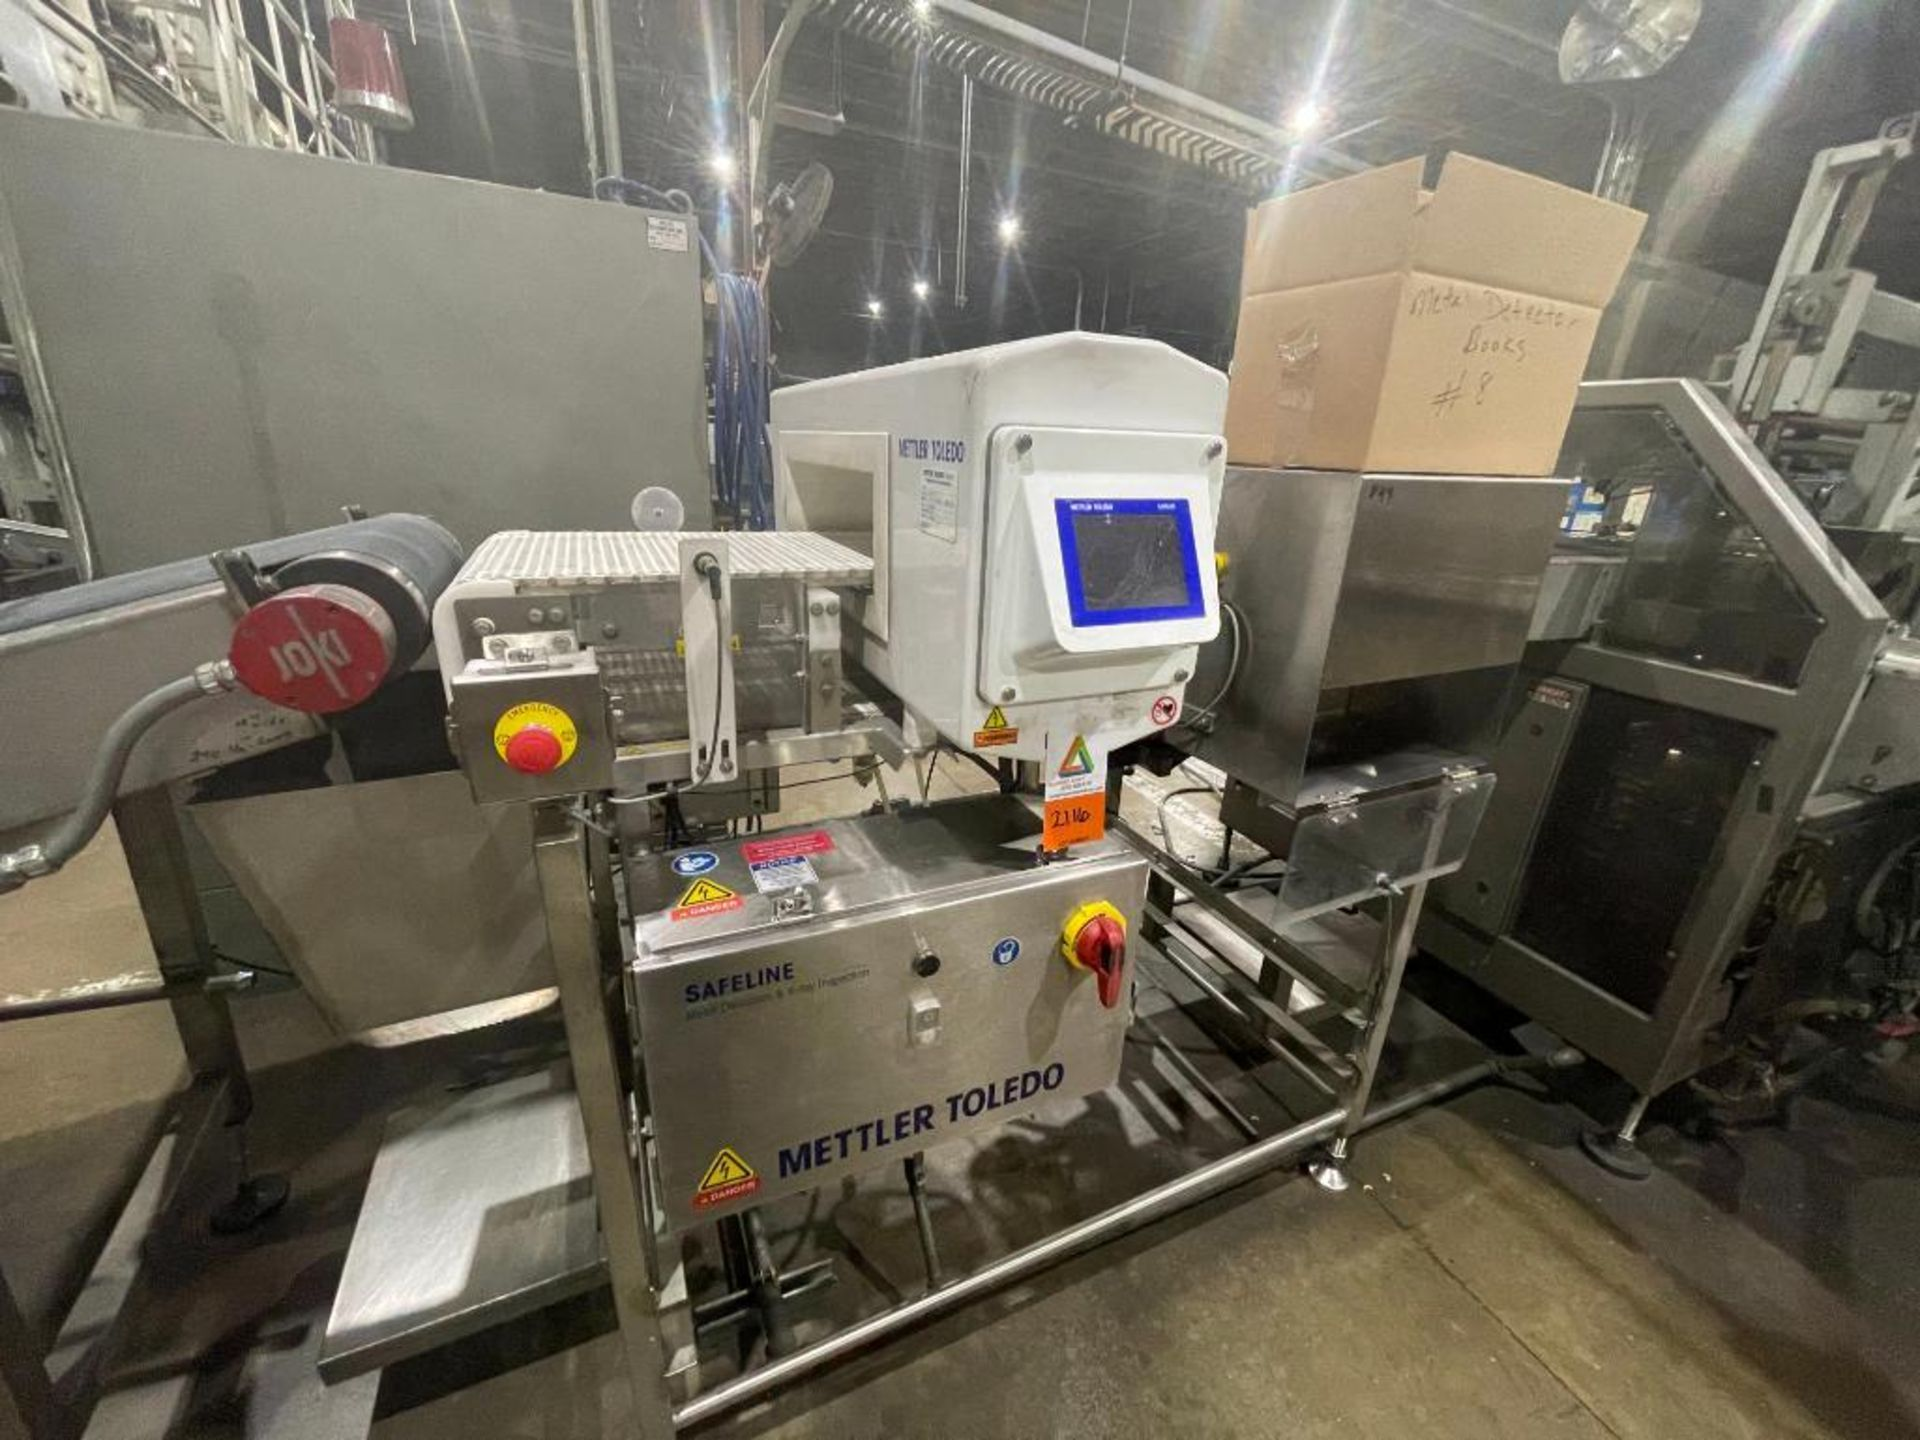 2016 Mettler Toledo metal detector, model SL1500